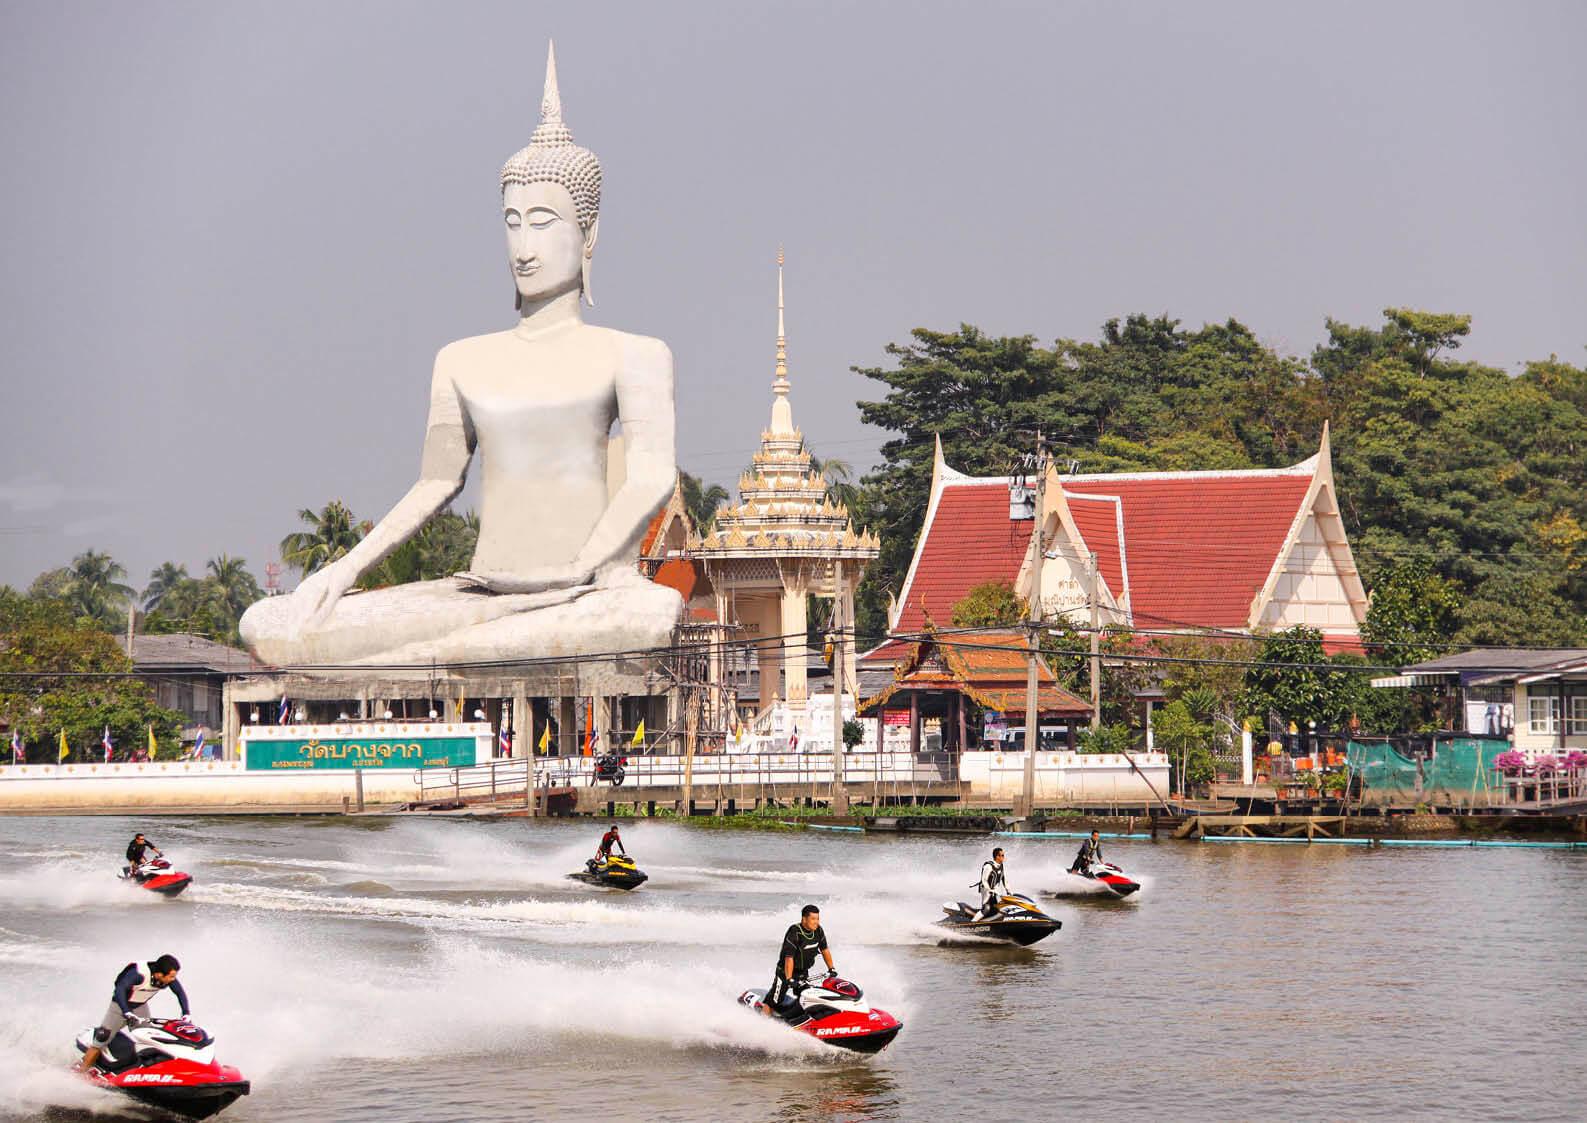 水上バイク(ジェットスキー)で旅をする タイ国の首都バンコクを流れる、チャオプラヤー川を走った日